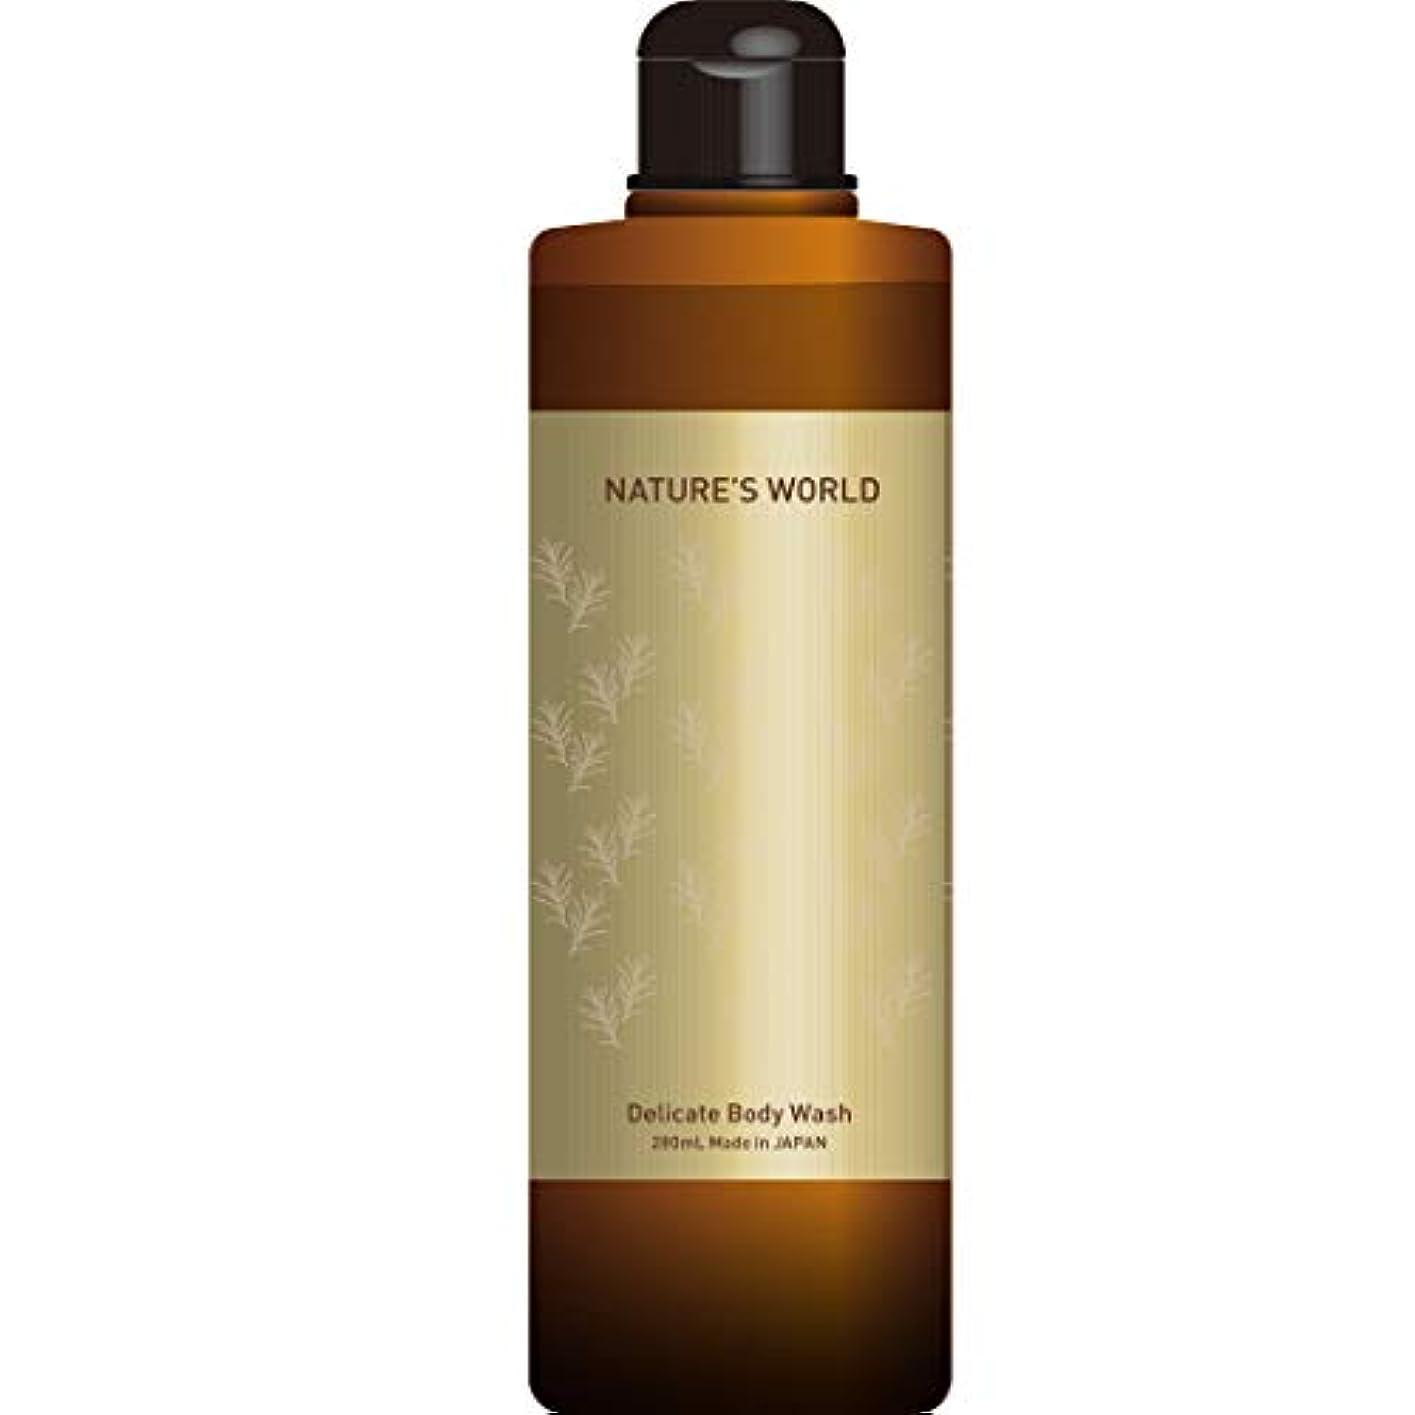 背景自己尊重クリップ蝶NATURE'S WORLD(ネイチャーズワールド) Nature's World デリケートボディソープ シトラスフローラルの香り 280ml